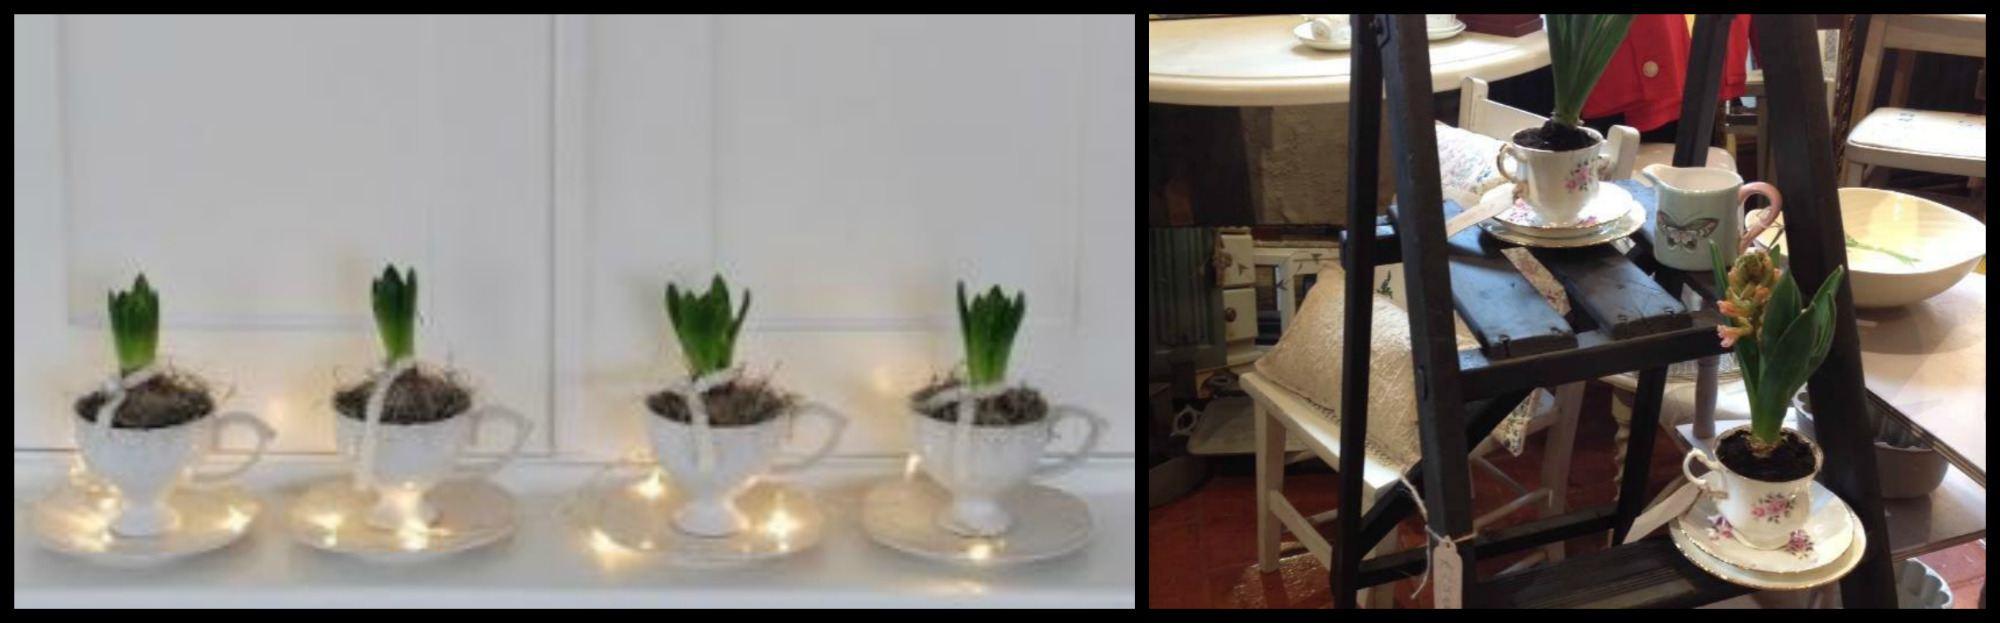 bulbs in teacups